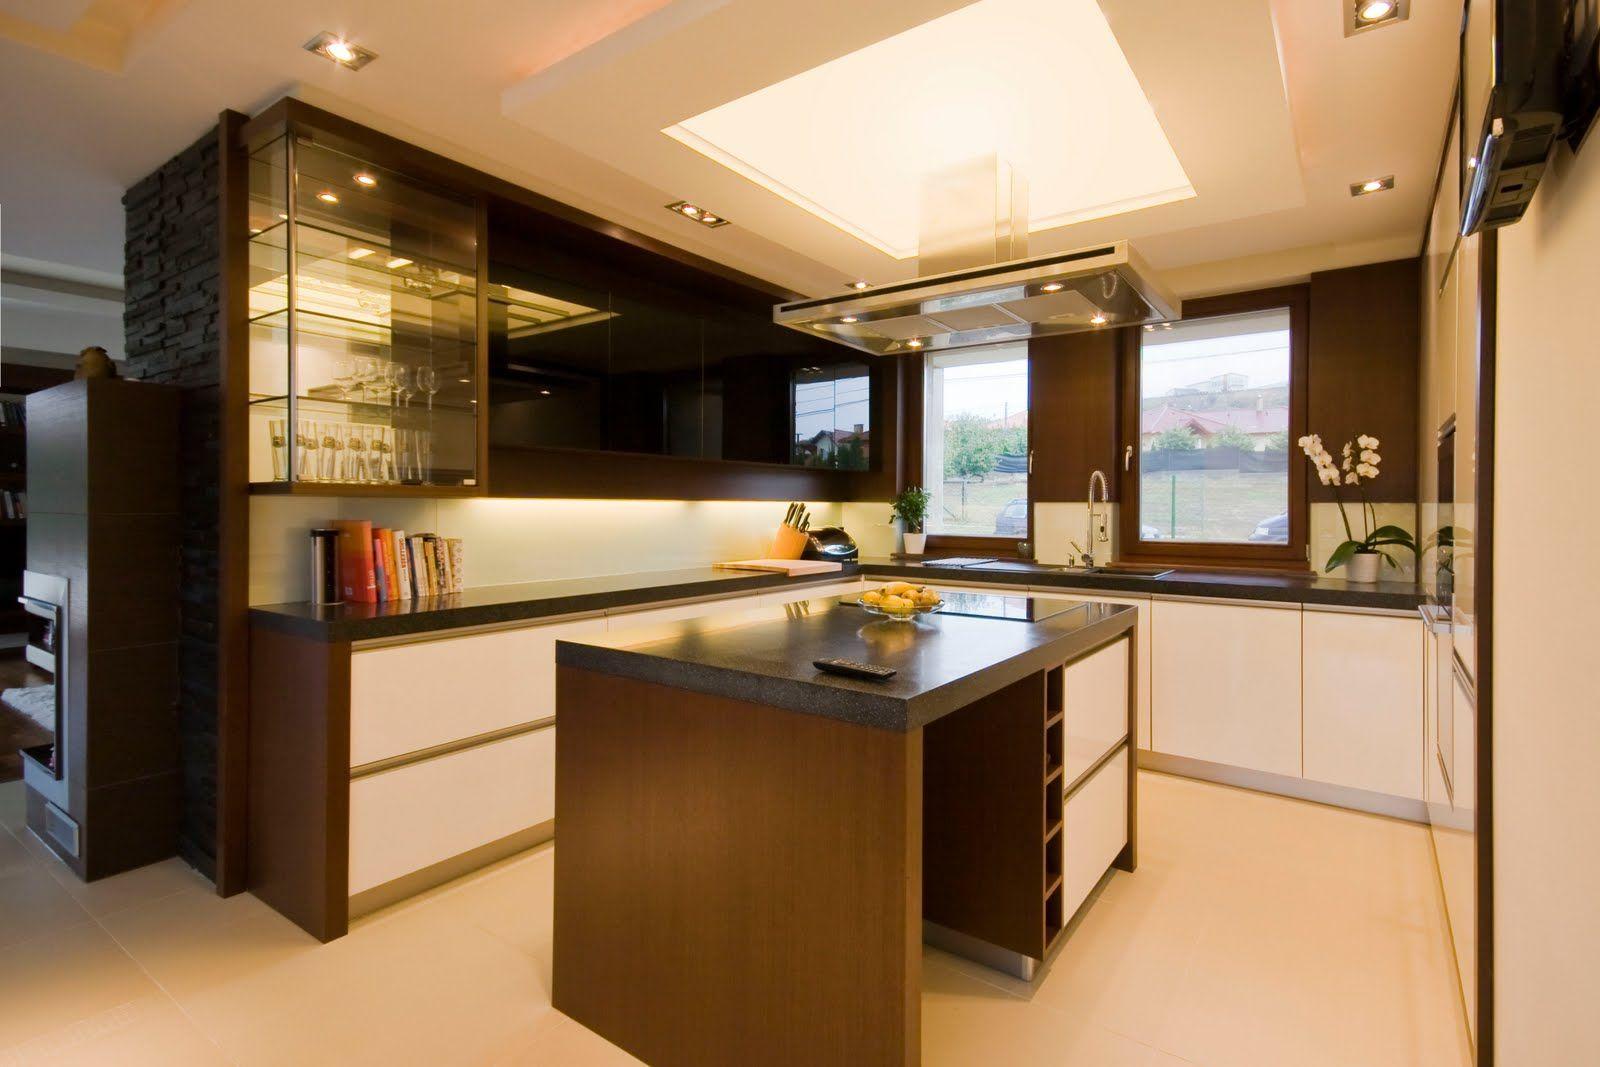 moderne ideen kuchenbeleuchtung, top ideen moderner küche beleuchtung für die schöne dekoration, Design ideen